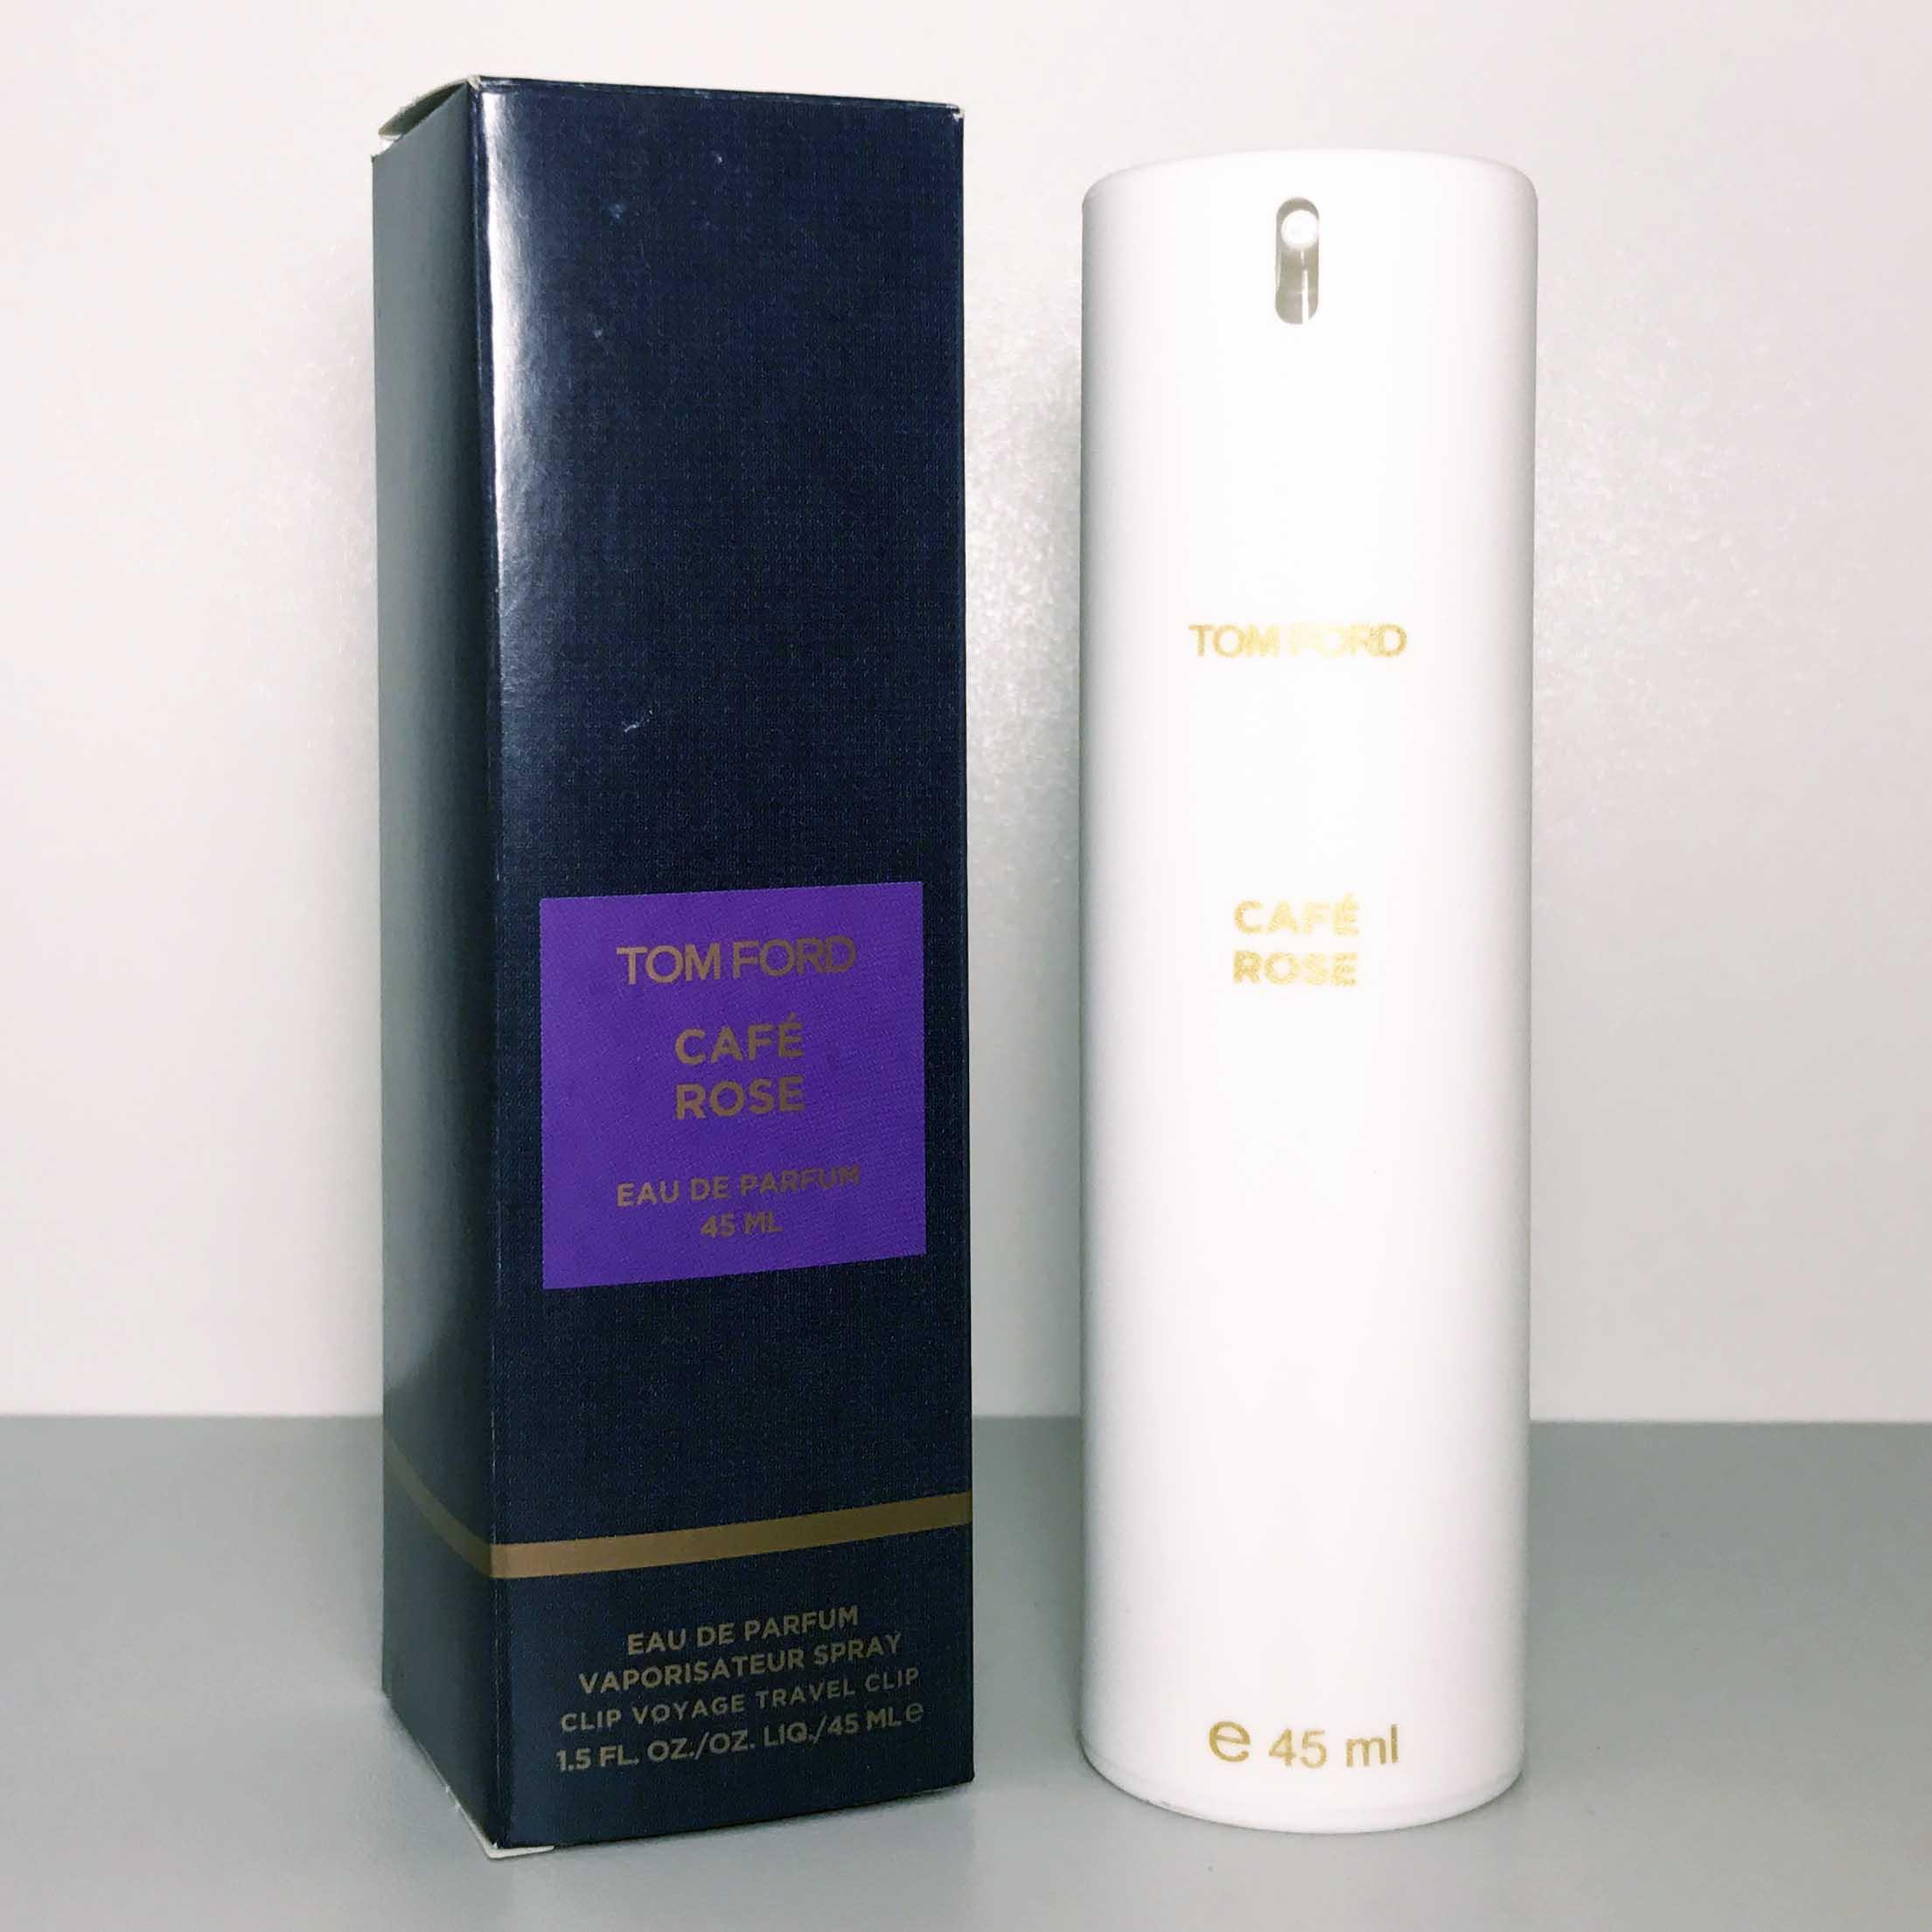 Tom Ford Cafe Rose 45ml Gold Parfum